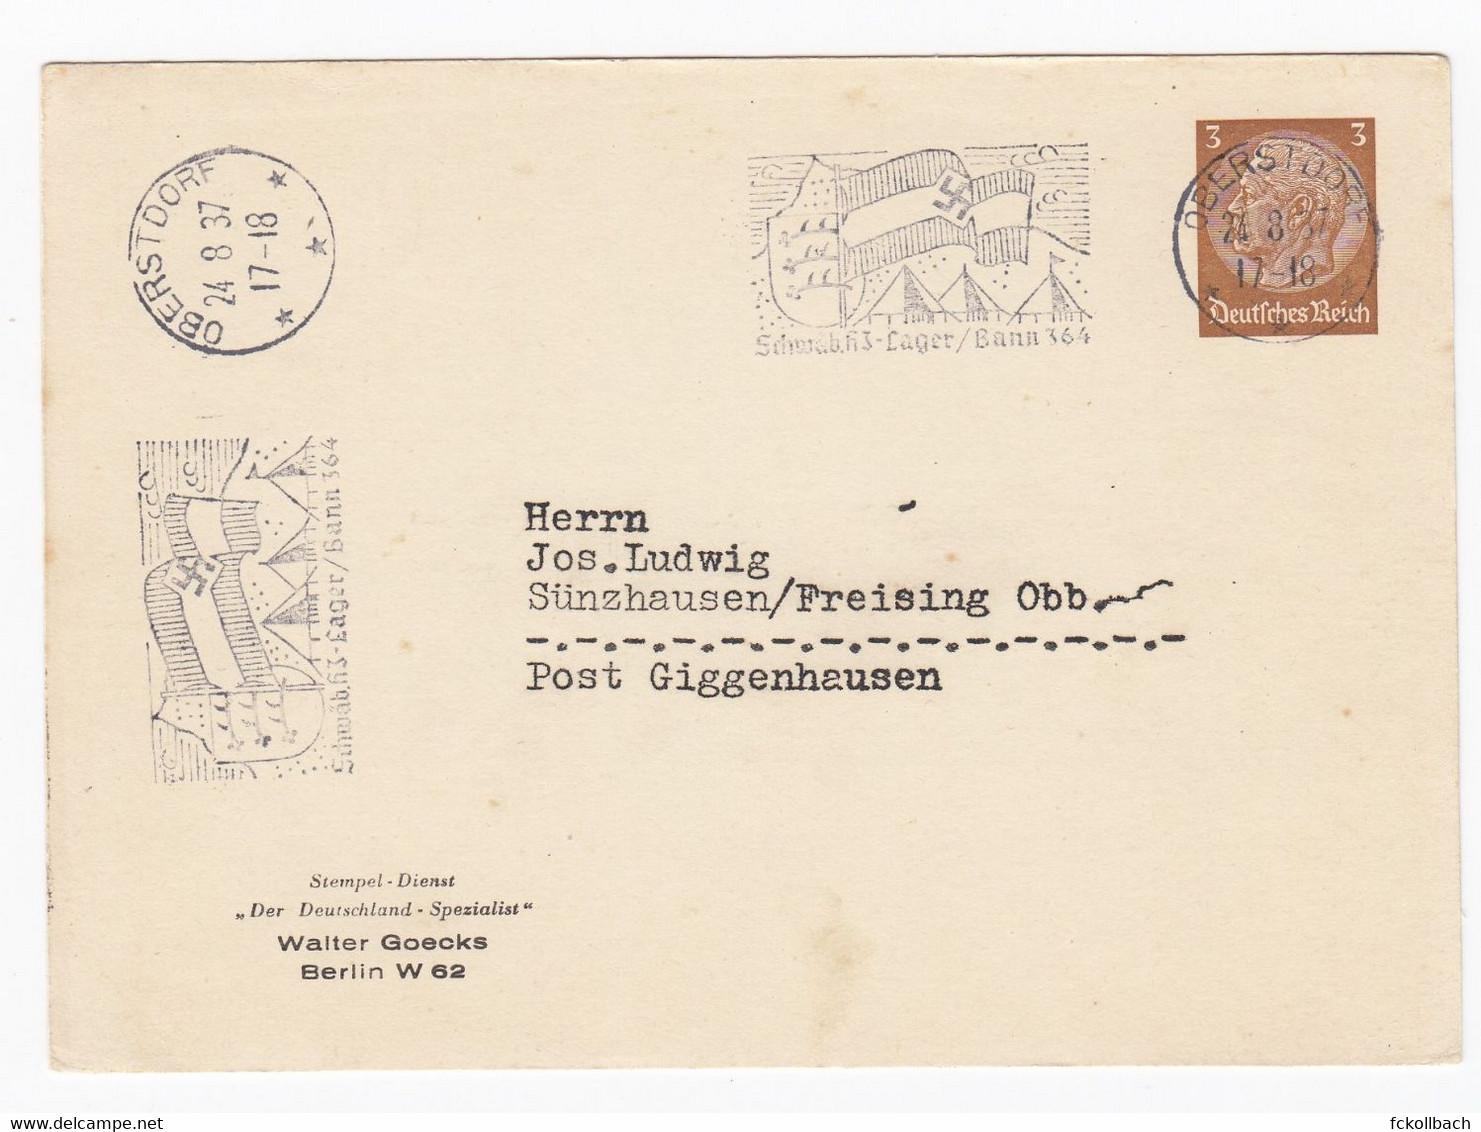 Ganzsache Privatpostkarte PP 122 B7/02 Werbestempel Schwäbische HJ-Lager/Bann 364 Oberstorf 1937 Sünzhausen Hitlerjugend - Briefe U. Dokumente